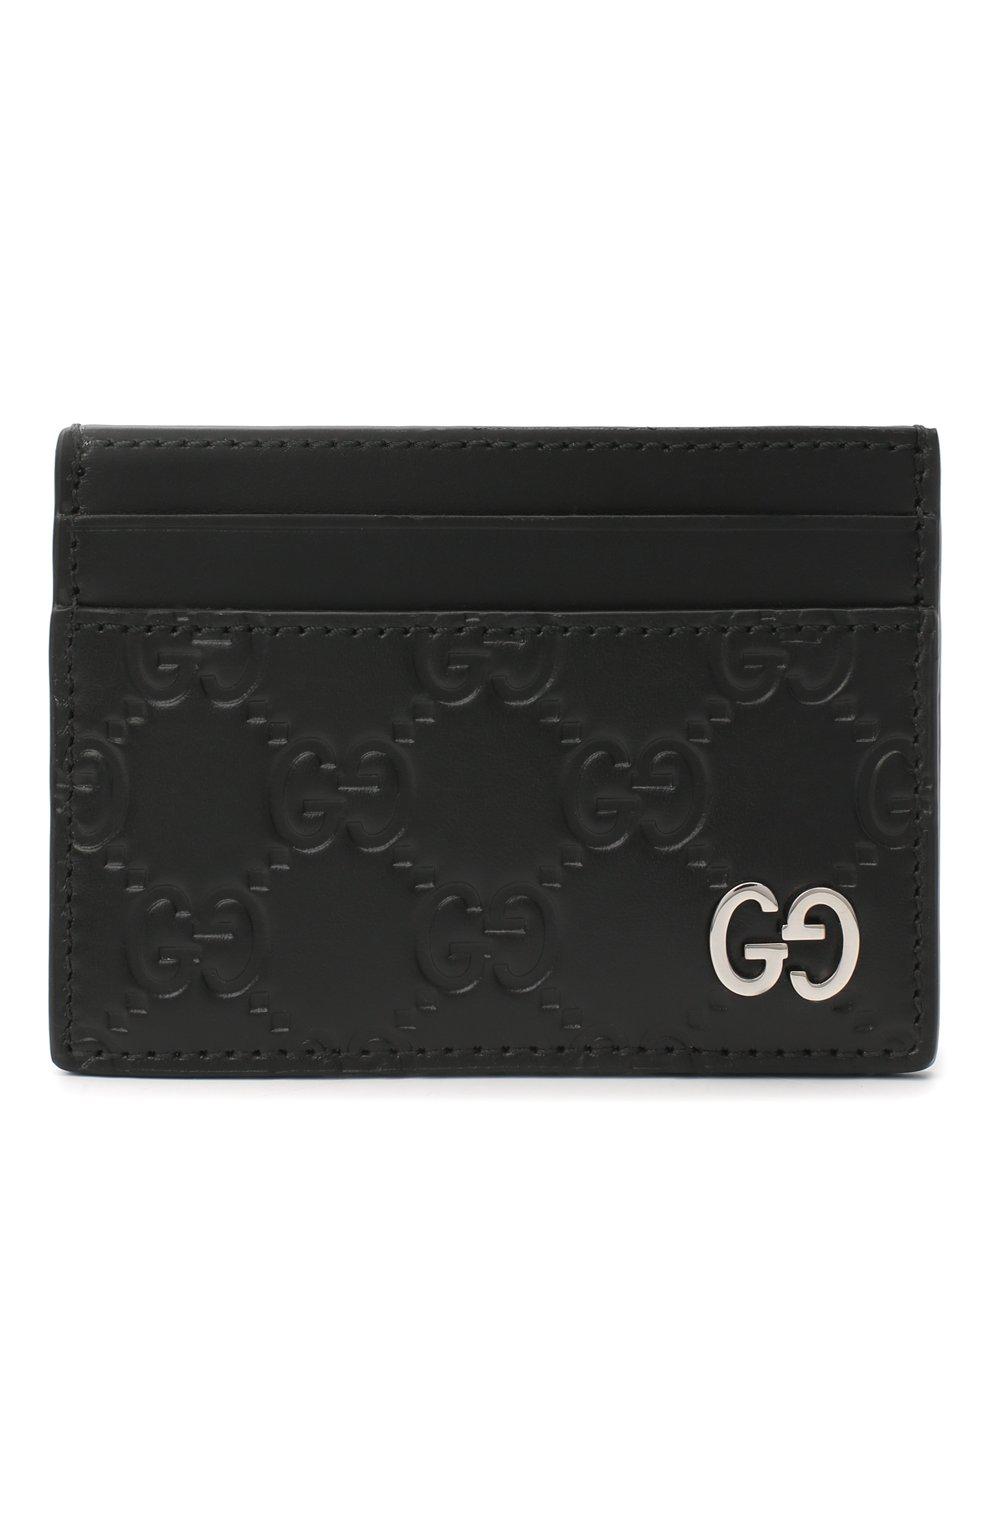 1d957ecf9 tsum Фото Кожаный футляр для кредитных карт с тиснением Signature GUCCI  черного цвета Италия 5180816 473927/